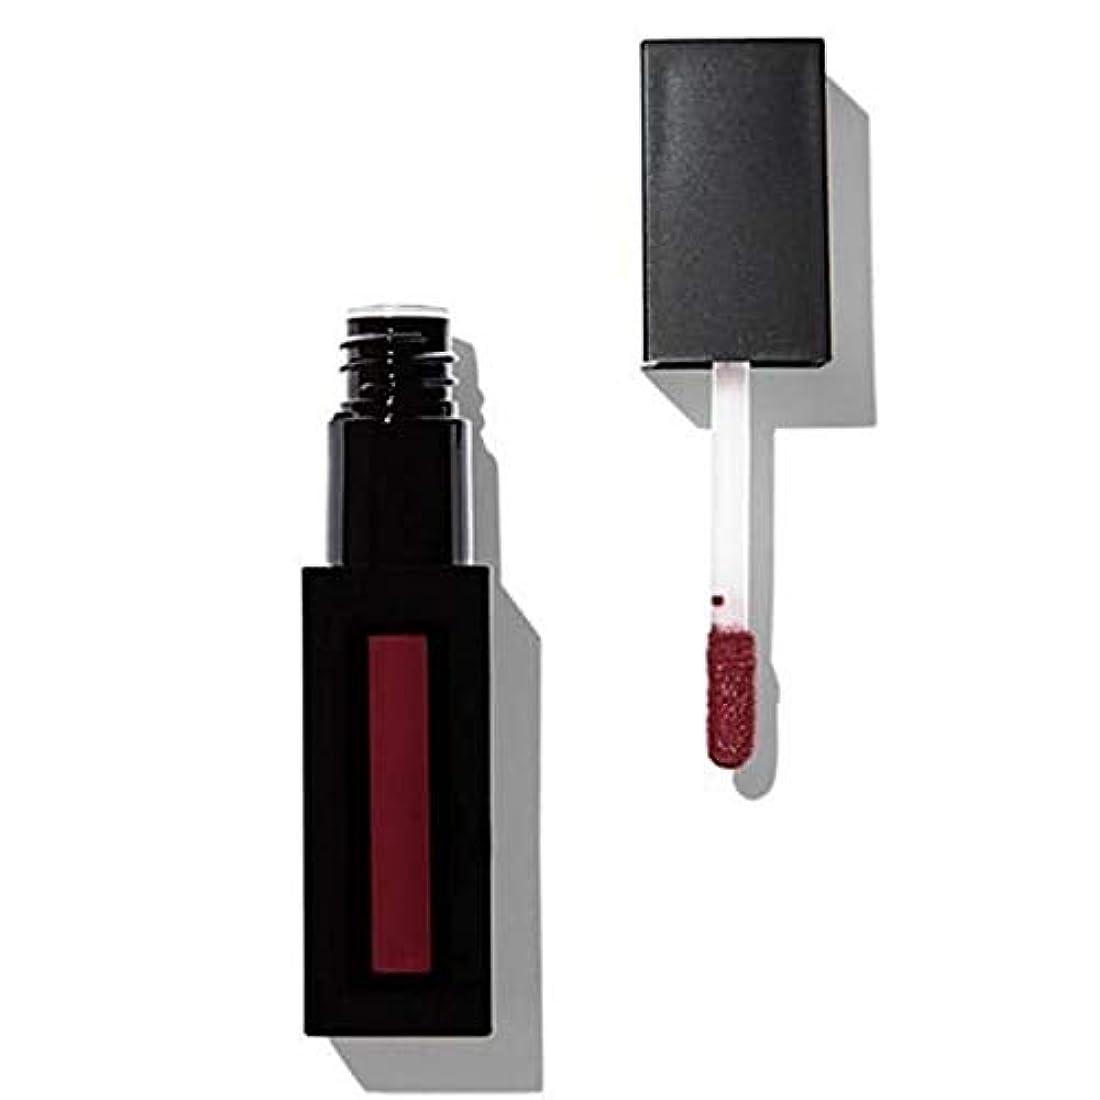 [Revolution ] 革命プロ最高のマットリップ顔料先見の明 - Revolution Pro Supreme Matte Lip Pigment Foresight [並行輸入品]